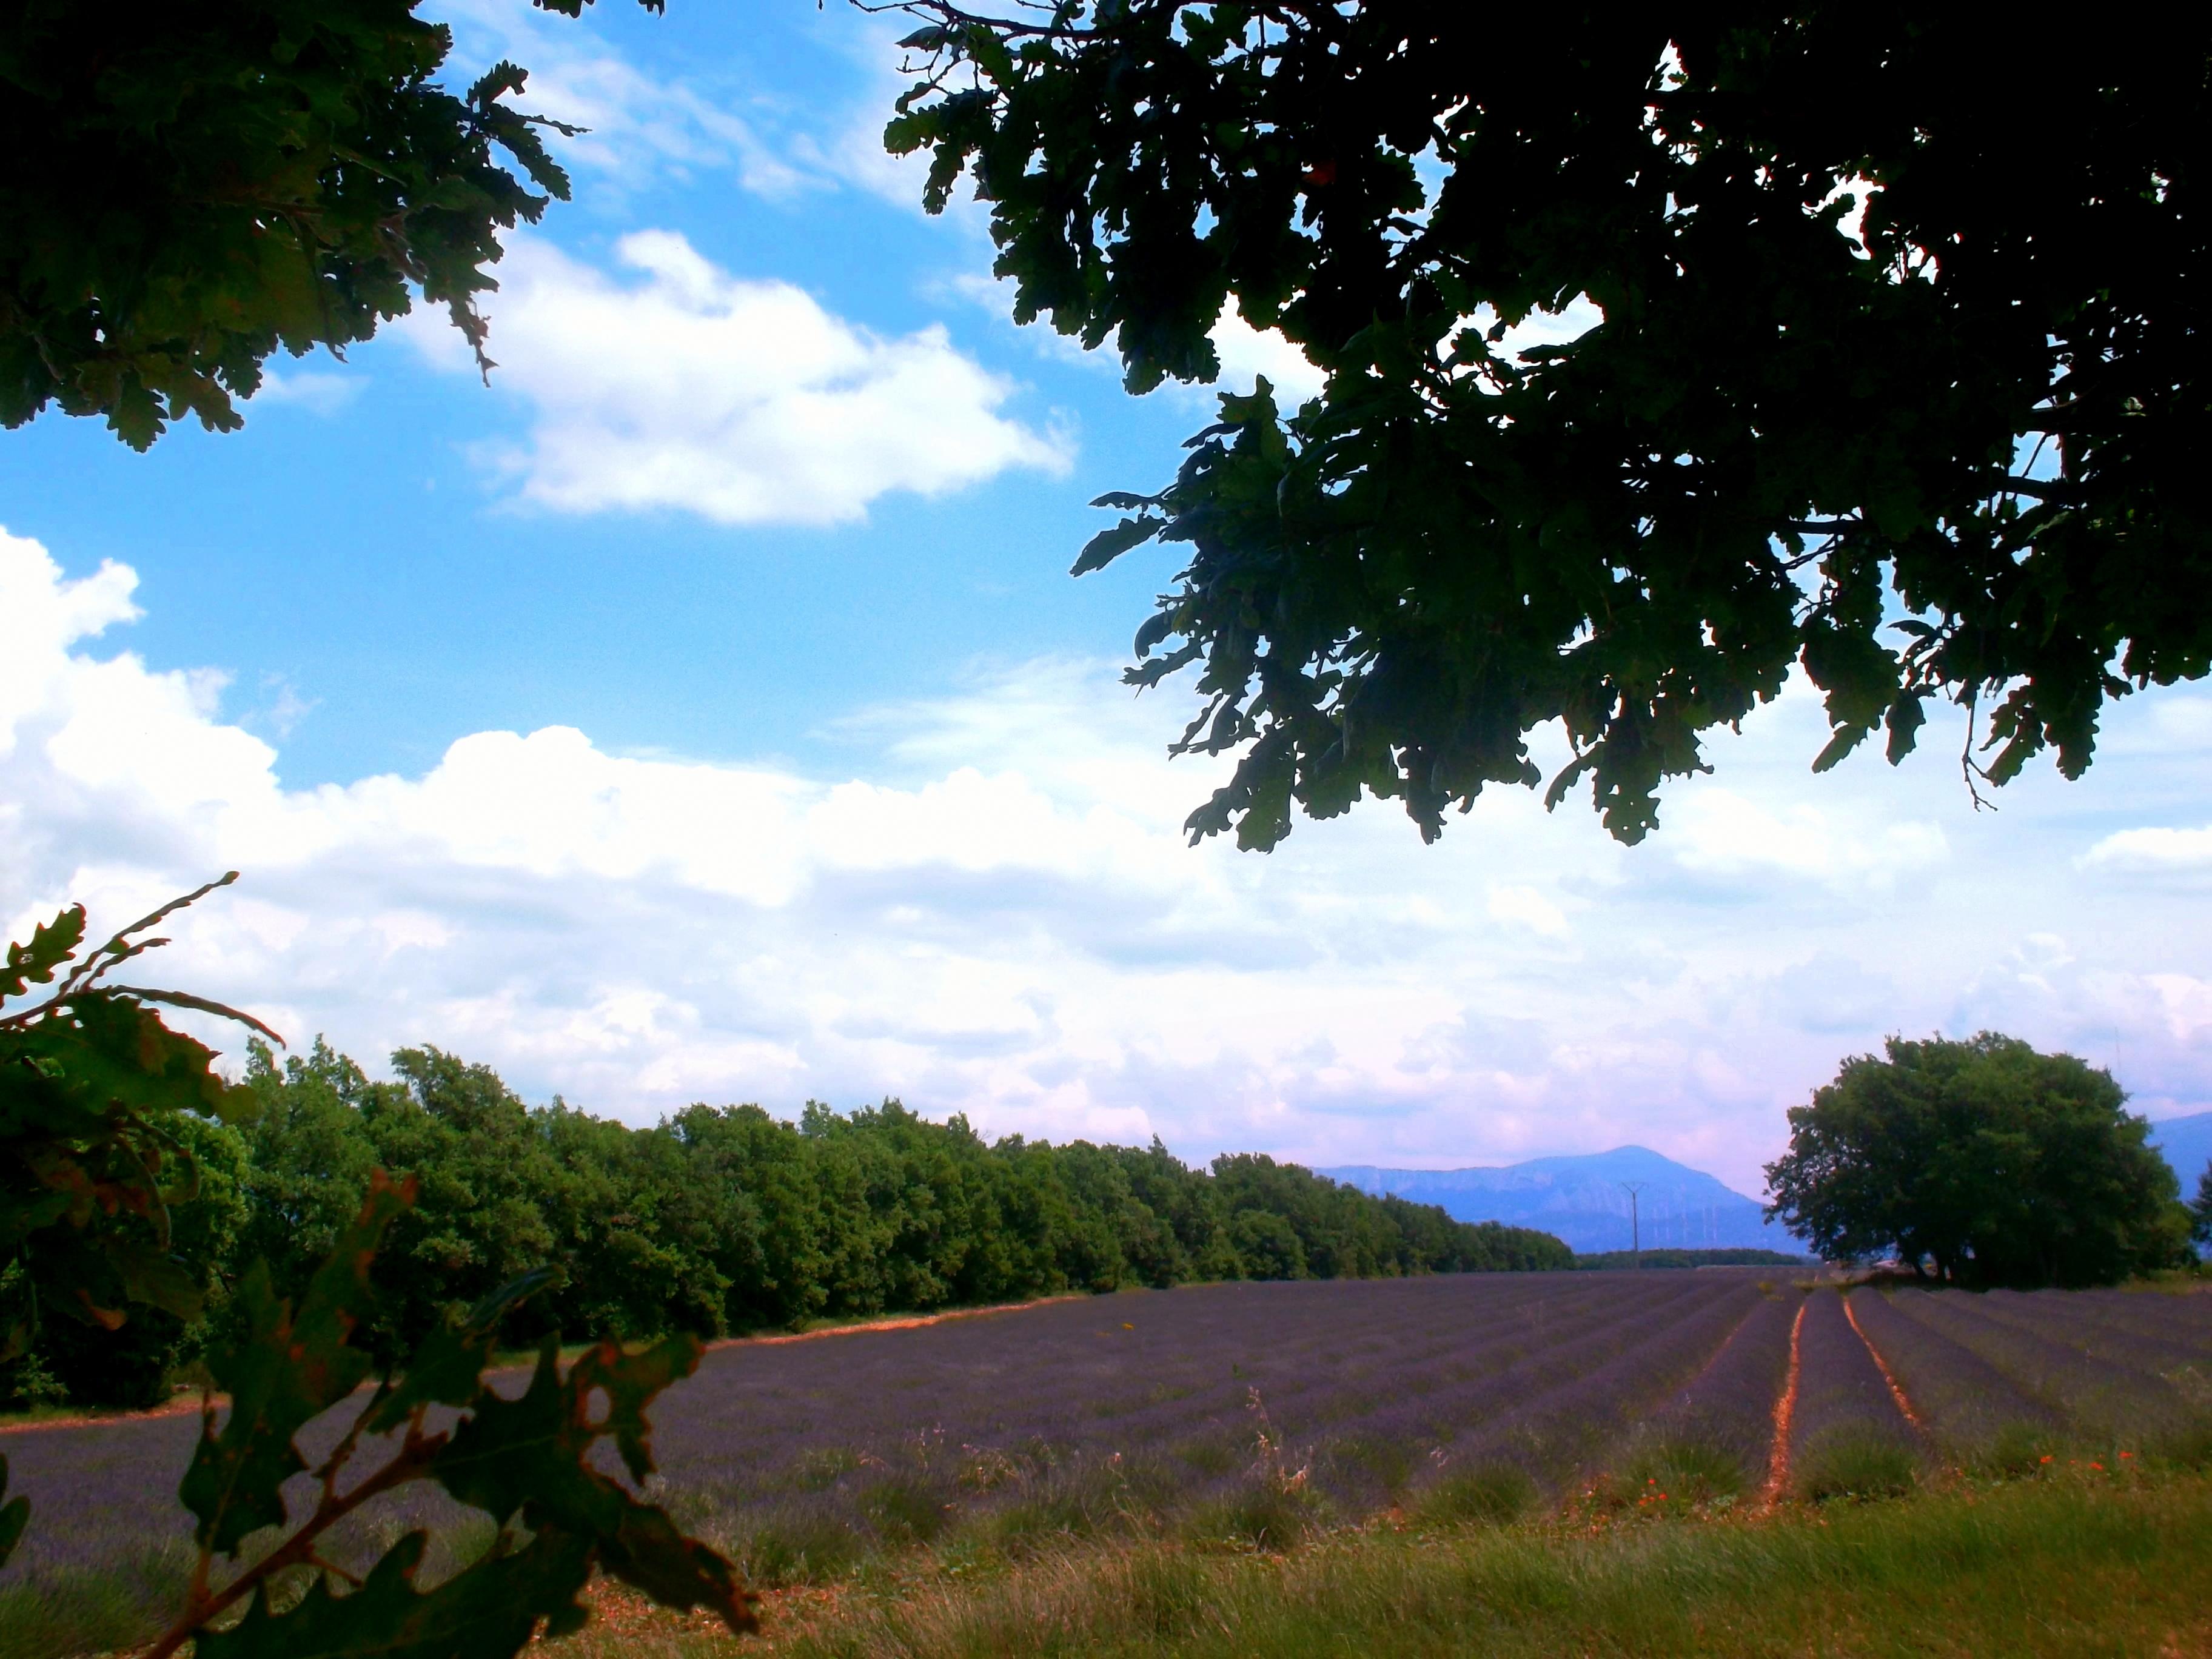 Lavendel Digne-les-Bains Umgebung Reiseblog Frankreich Südfrankreich Mietwagen Tour www.exploreglobal.wordpress.com